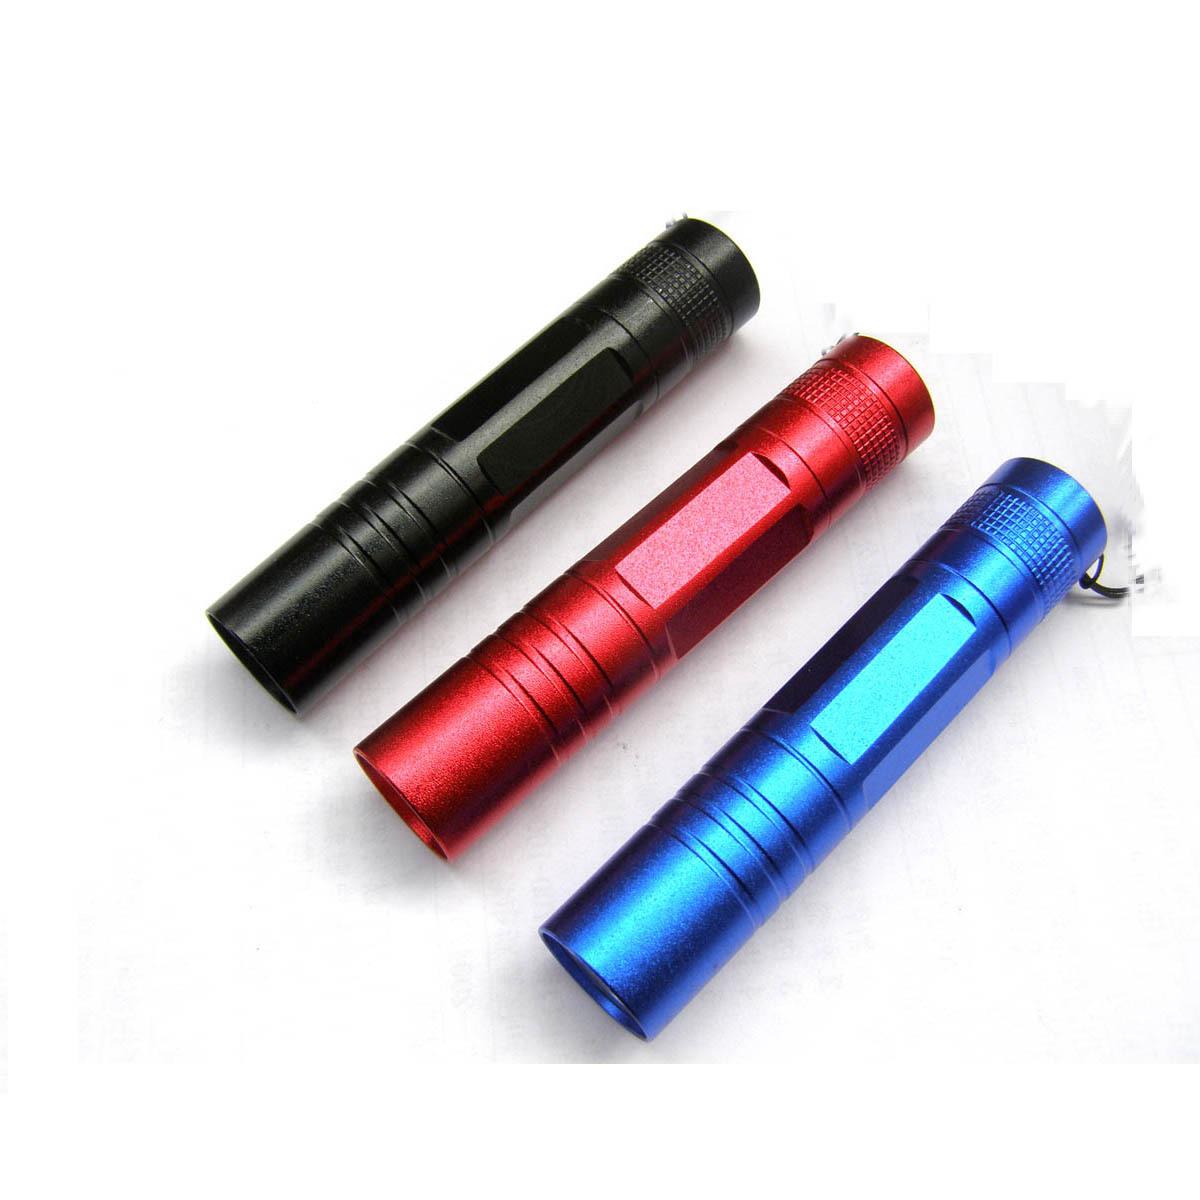 Алюминий, 5-й батареи светодиодный фонарик портативный один документ может взимать небольшой фонарик/версия для печати